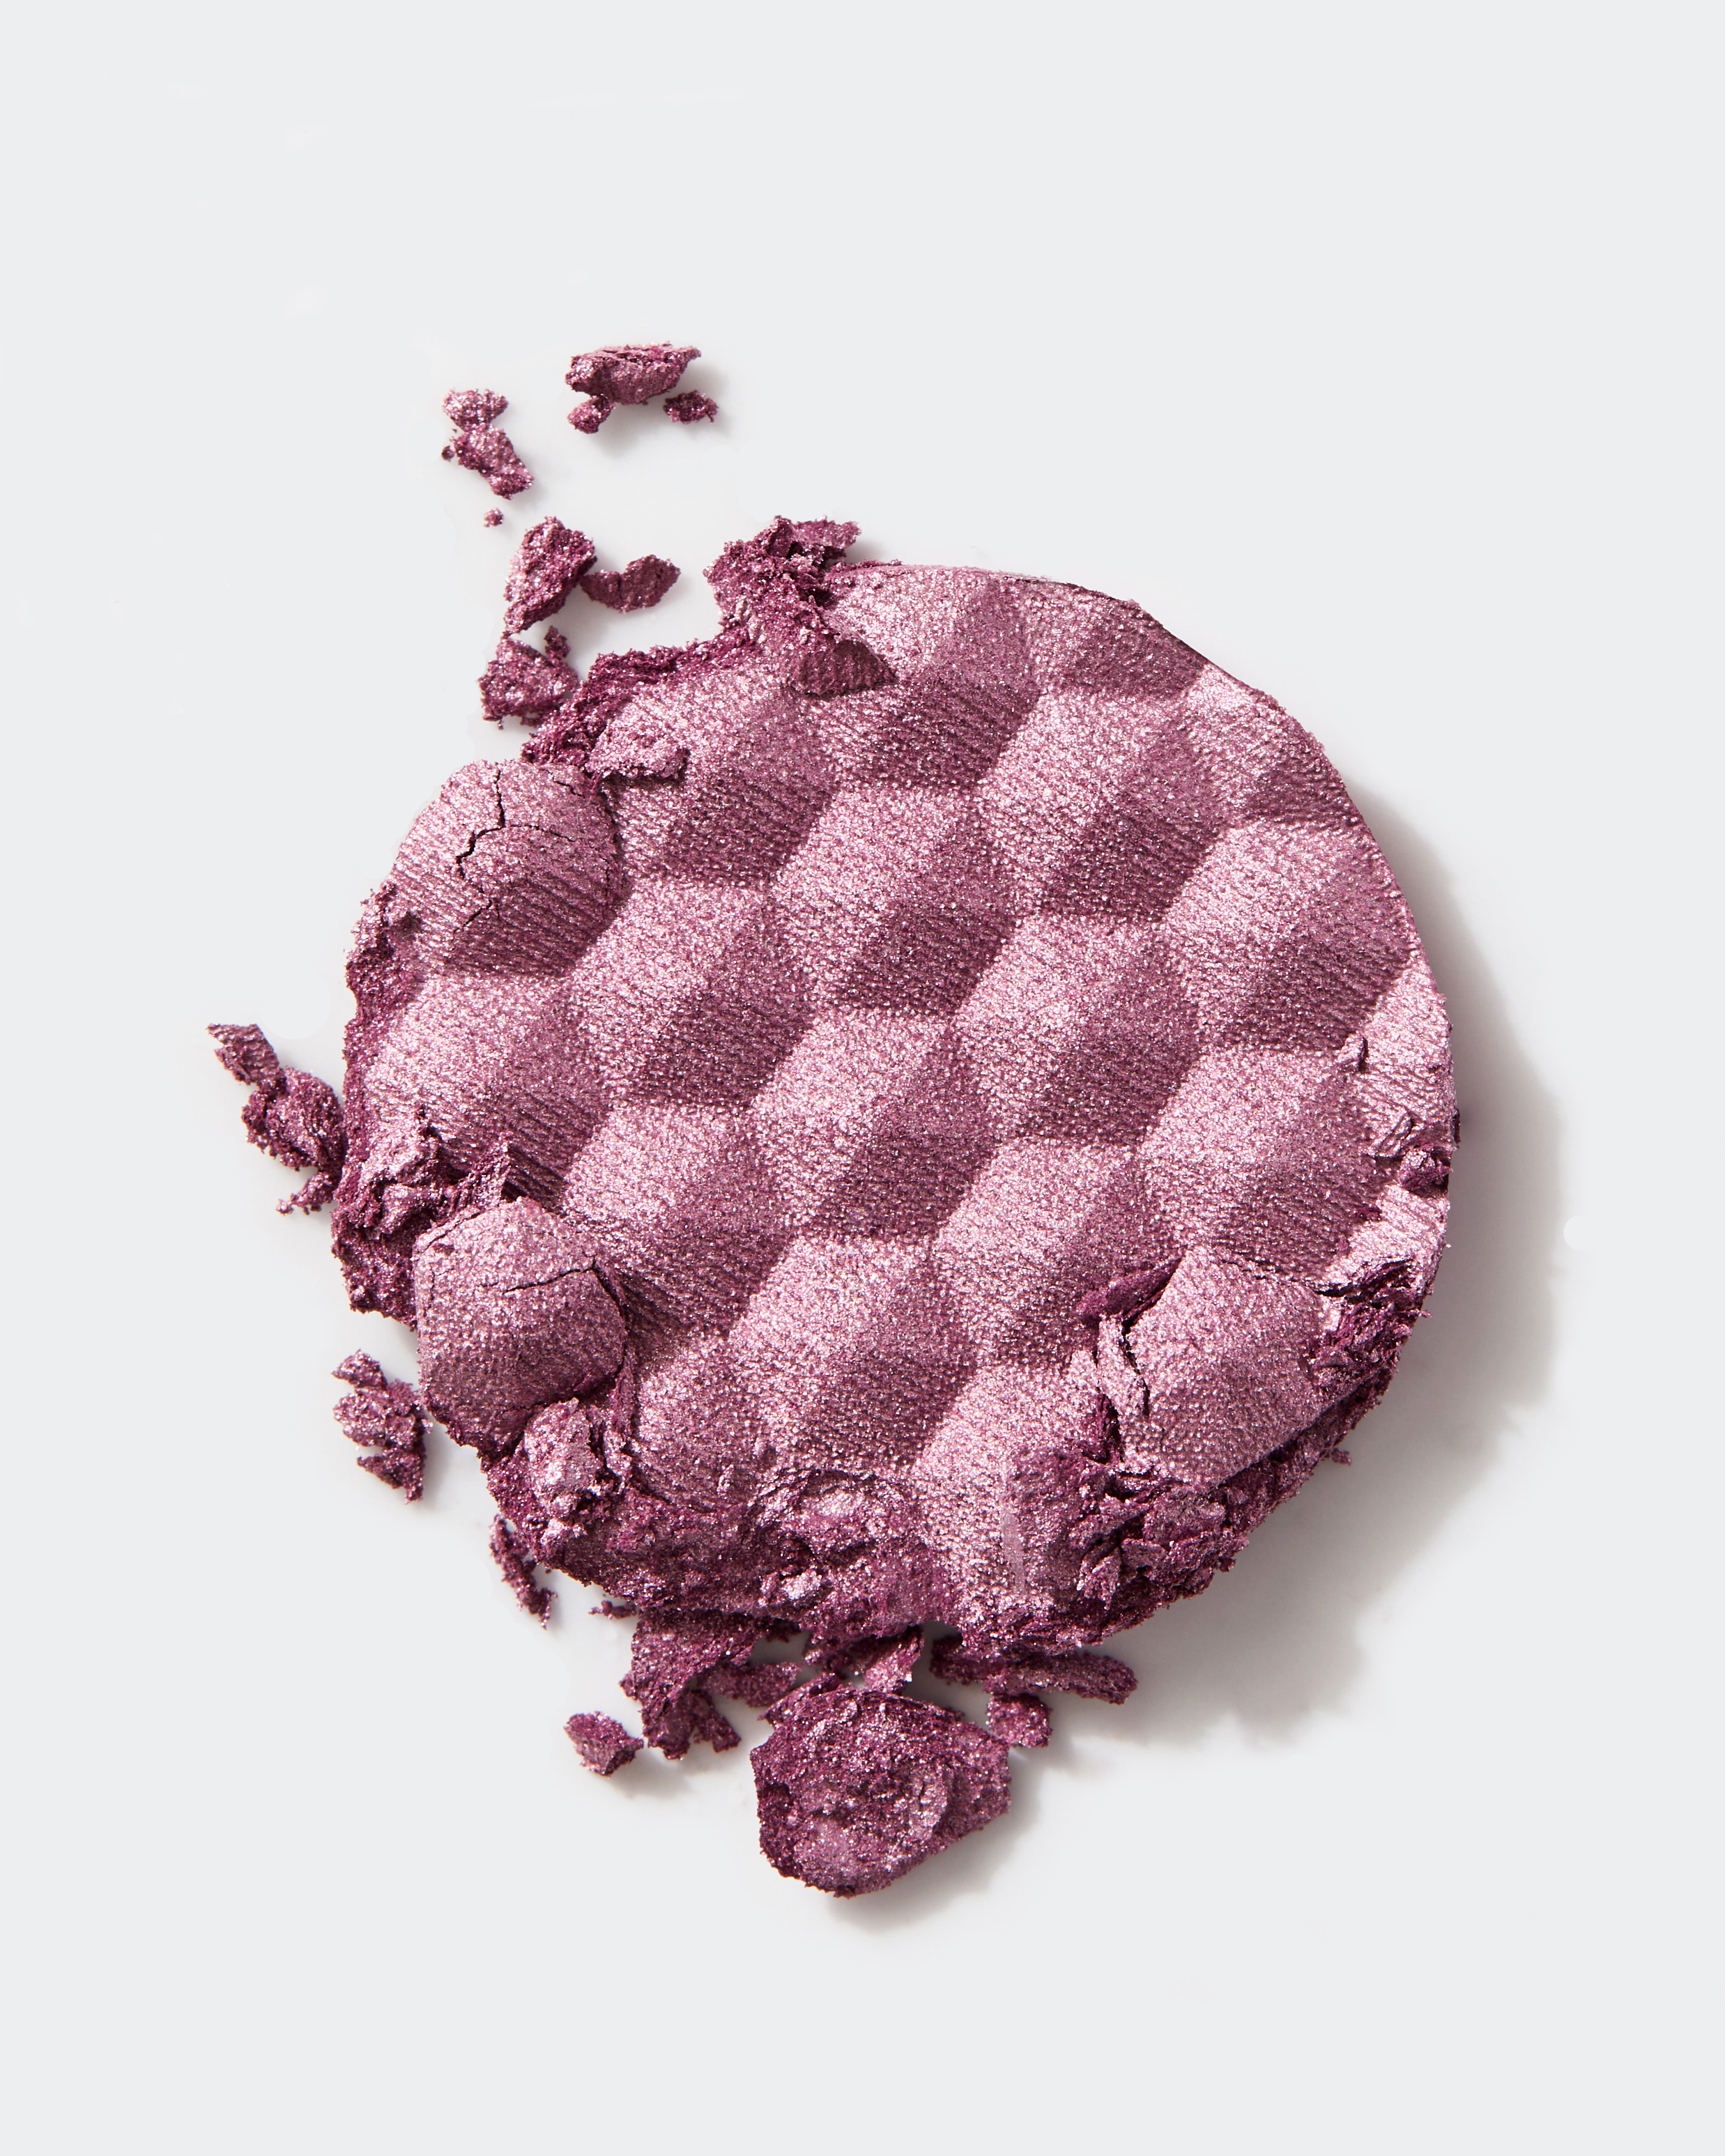 purple_texture.jpg